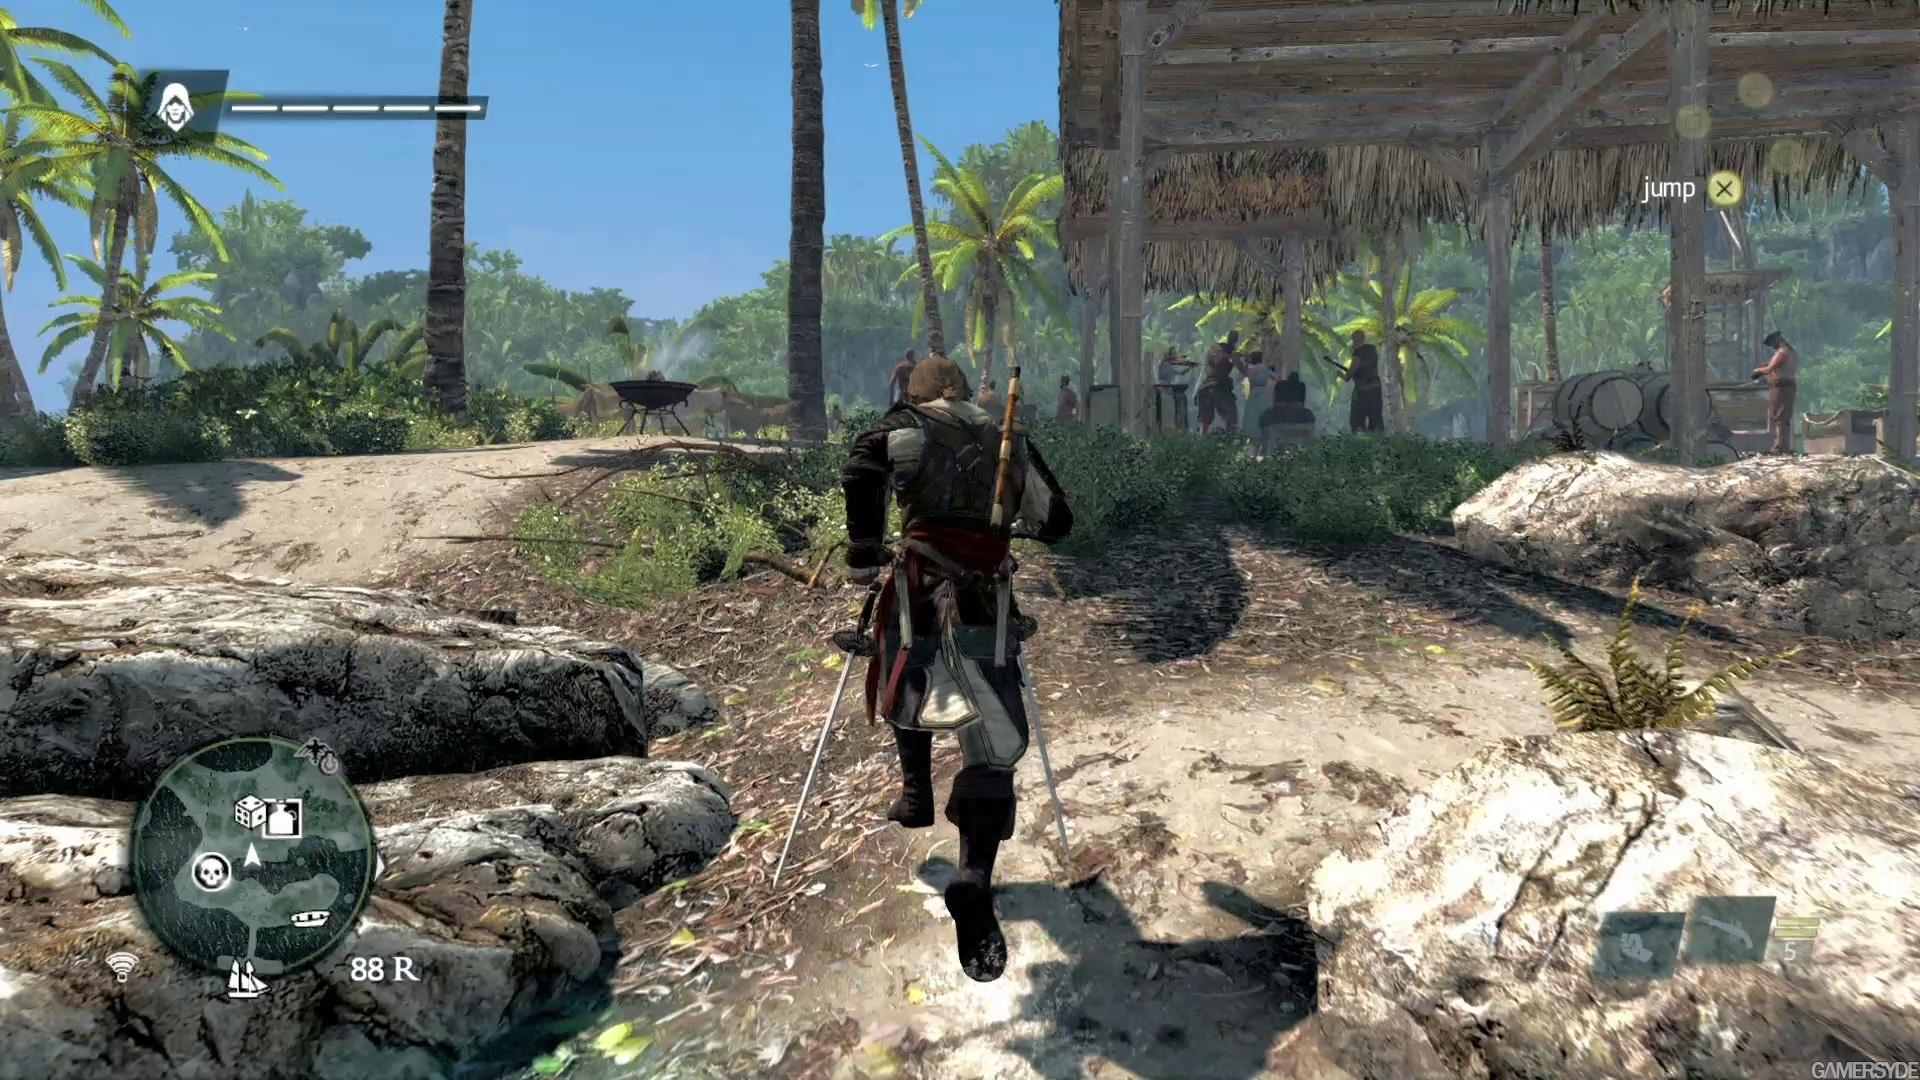 image   23118 1 0003 با تصاویر جدید Assassins Creed IV، شکار کوسه، پیدا کردن گنج ها در زیر آب و بیشتر را ببینید